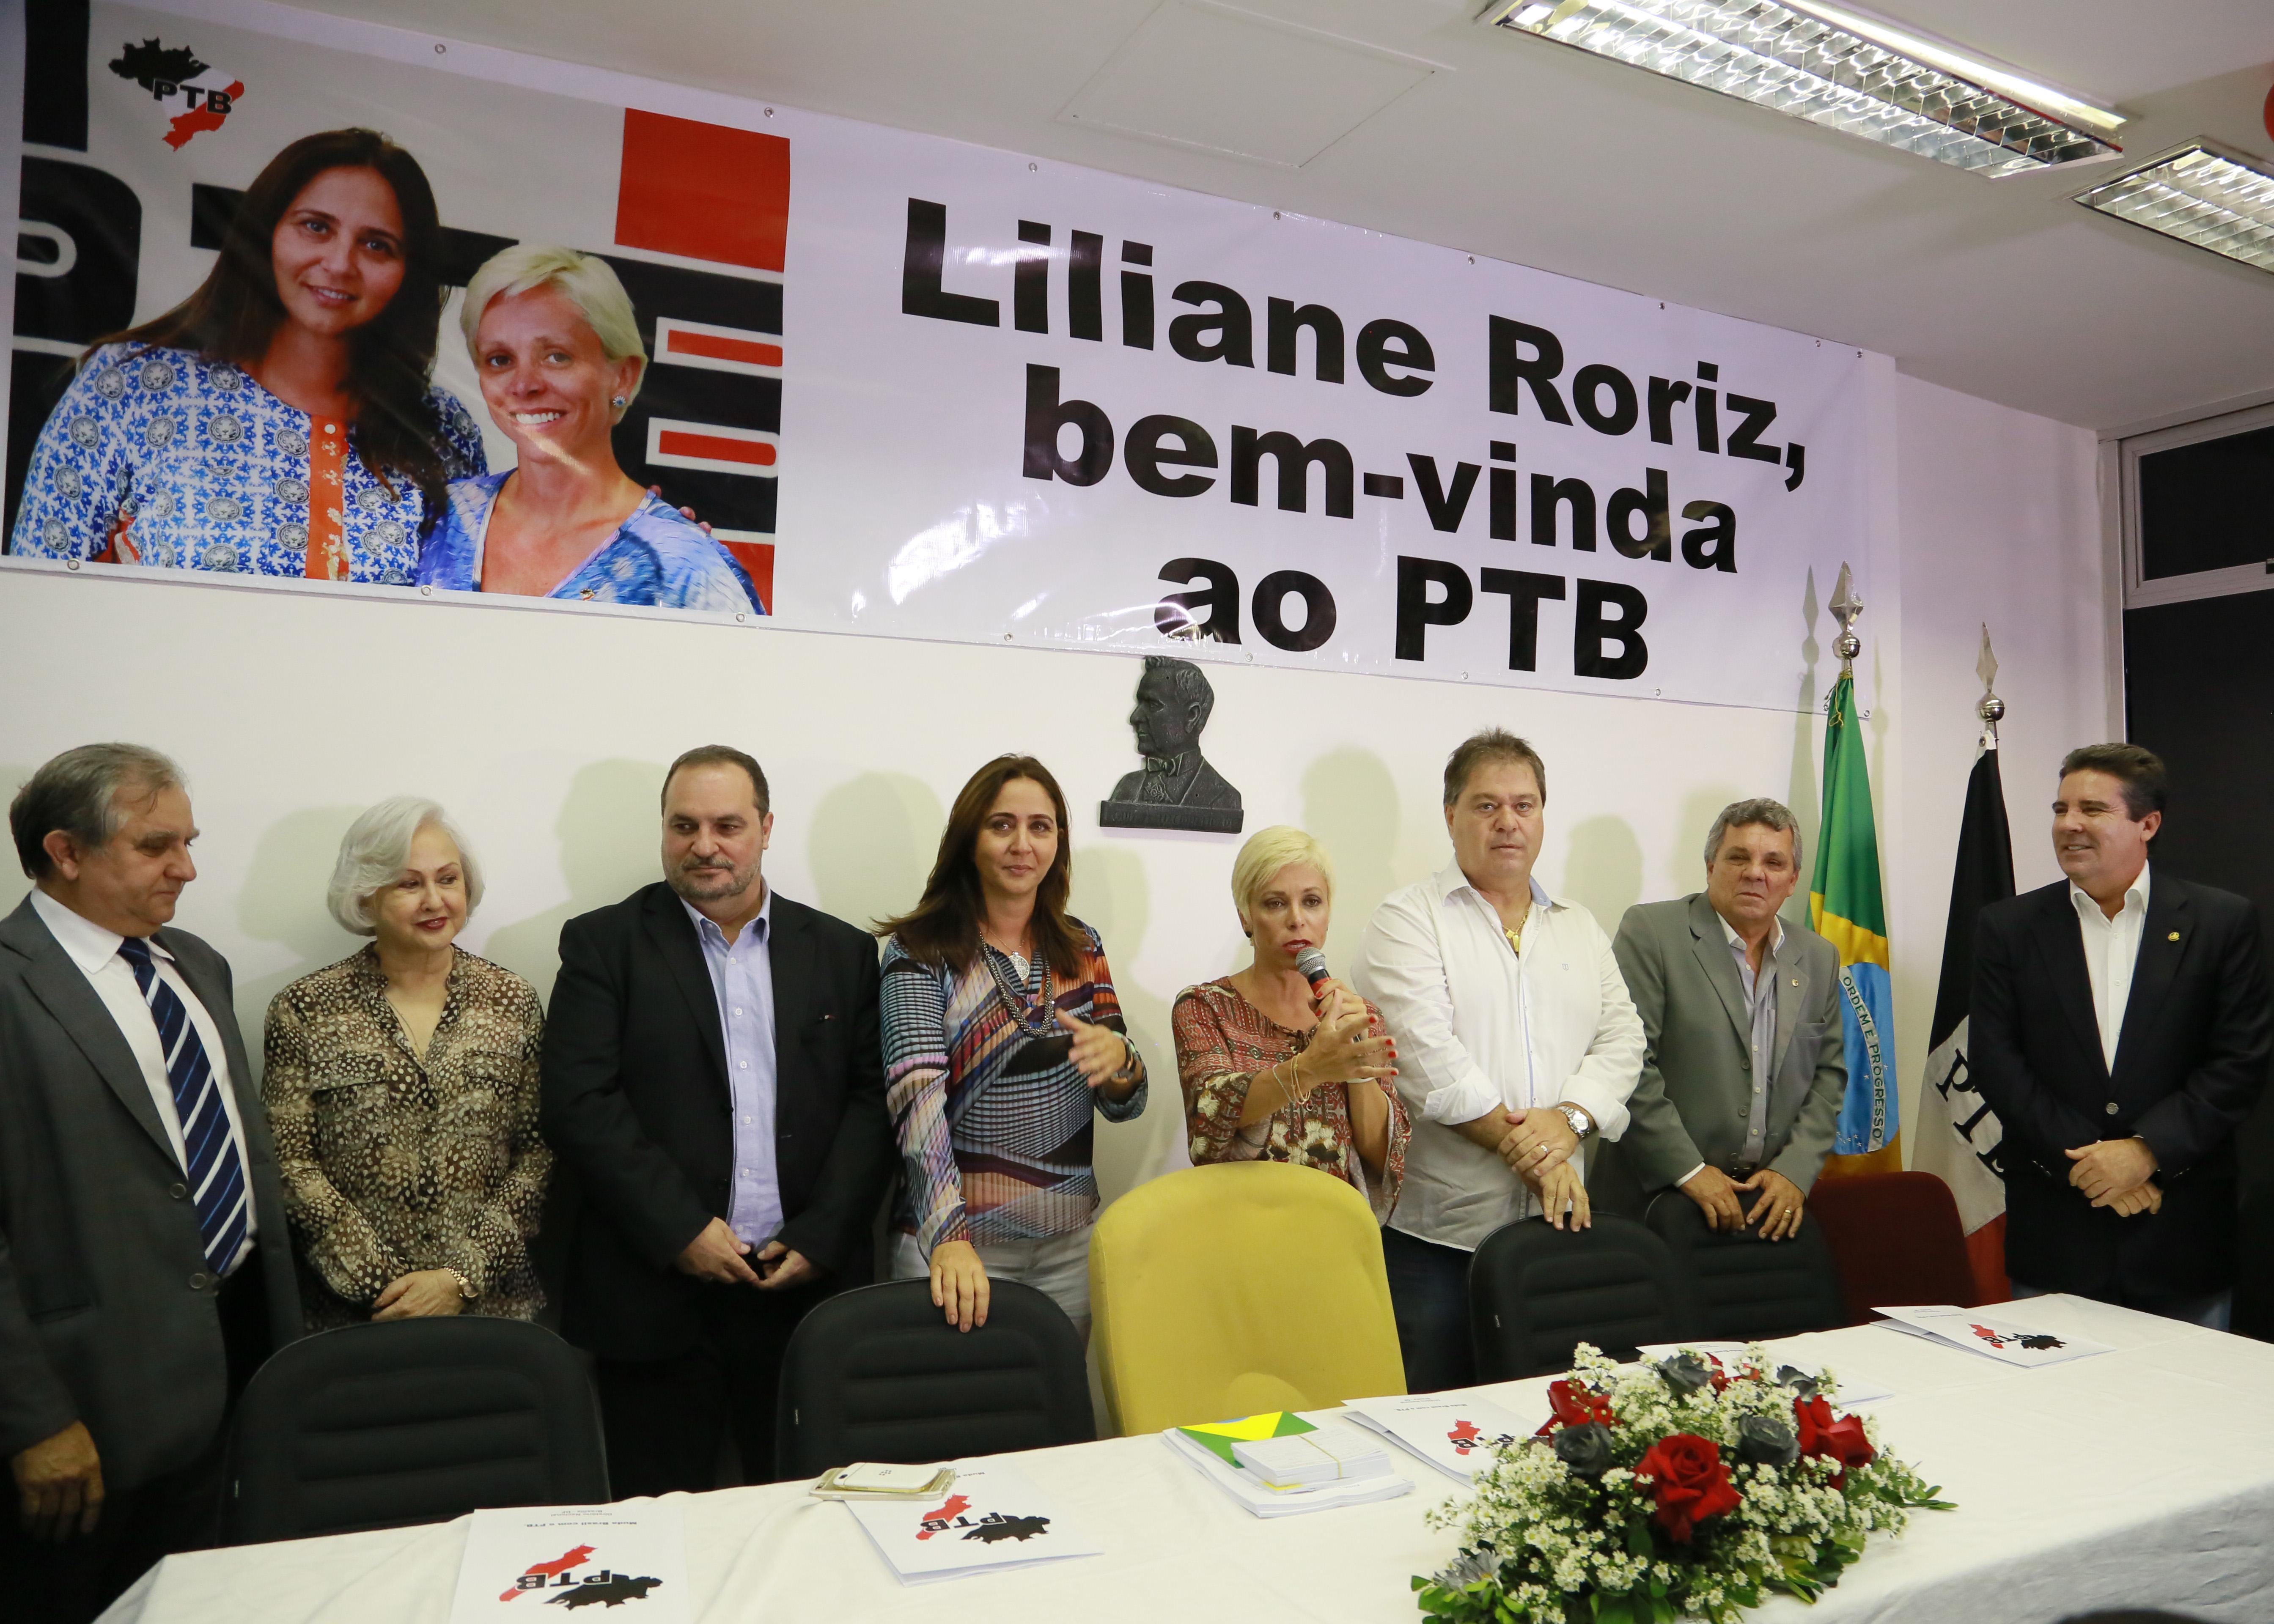 Presidente Cristiane Brasil abona filiação de Liliane Roriz e Tuma Júnior